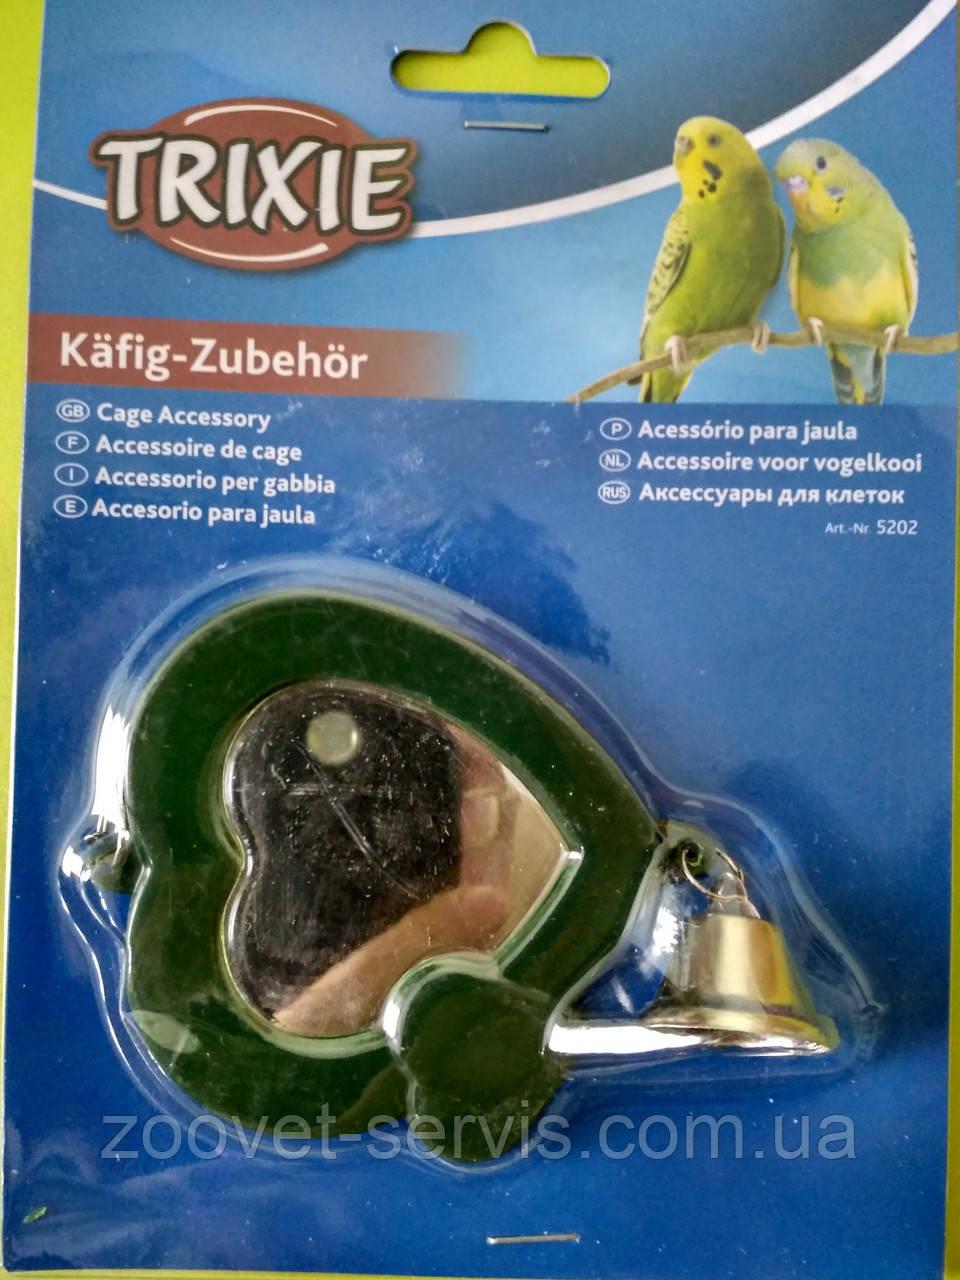 Подвесное зеркало-сердце для попугаев с колокольчиком Trixie